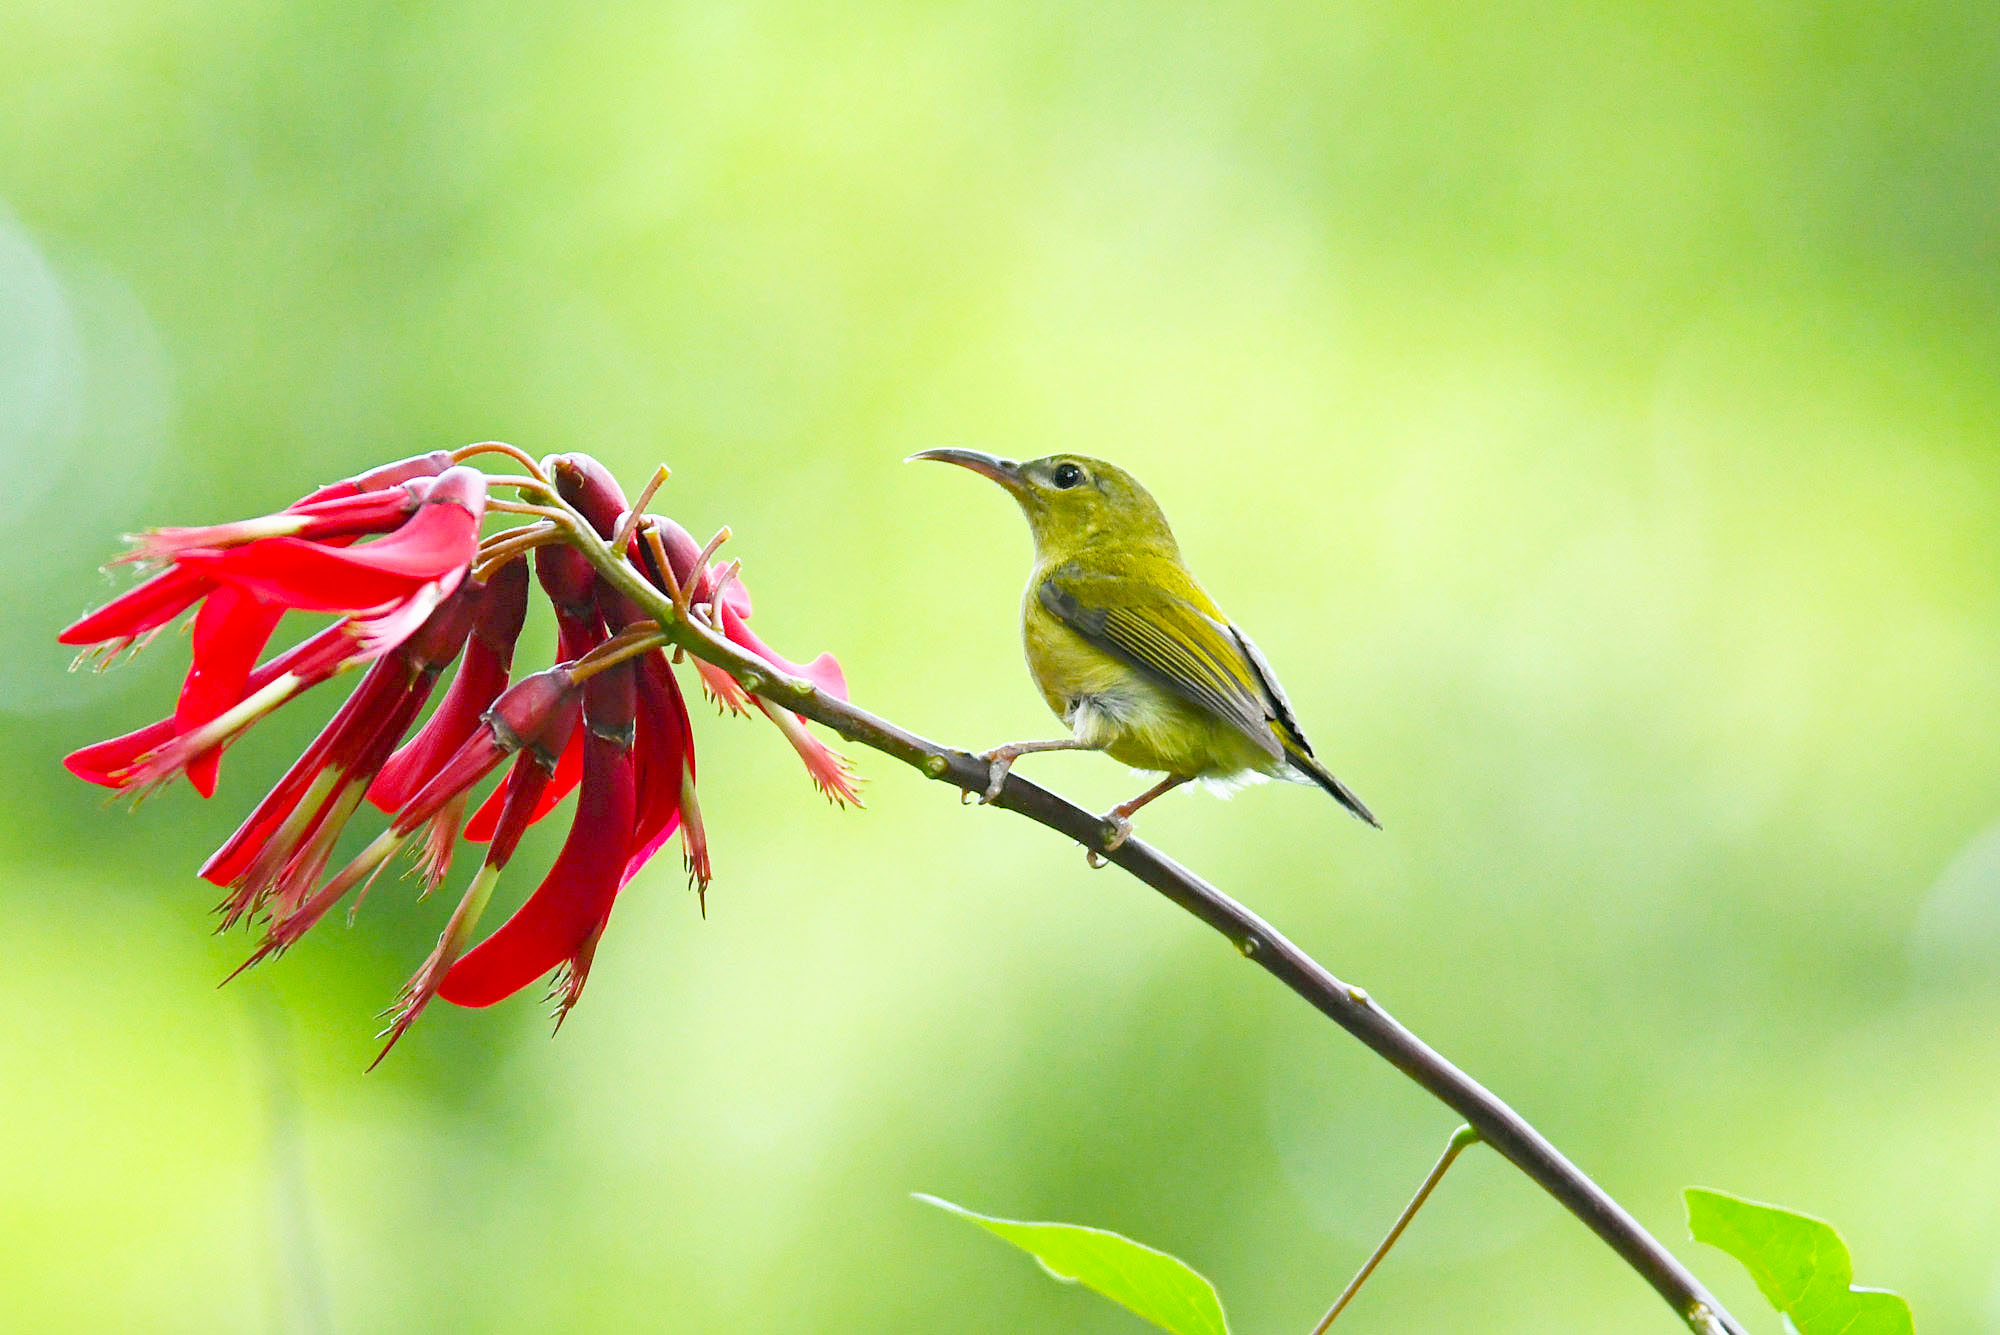 【鸟趣】雌太阳鸟